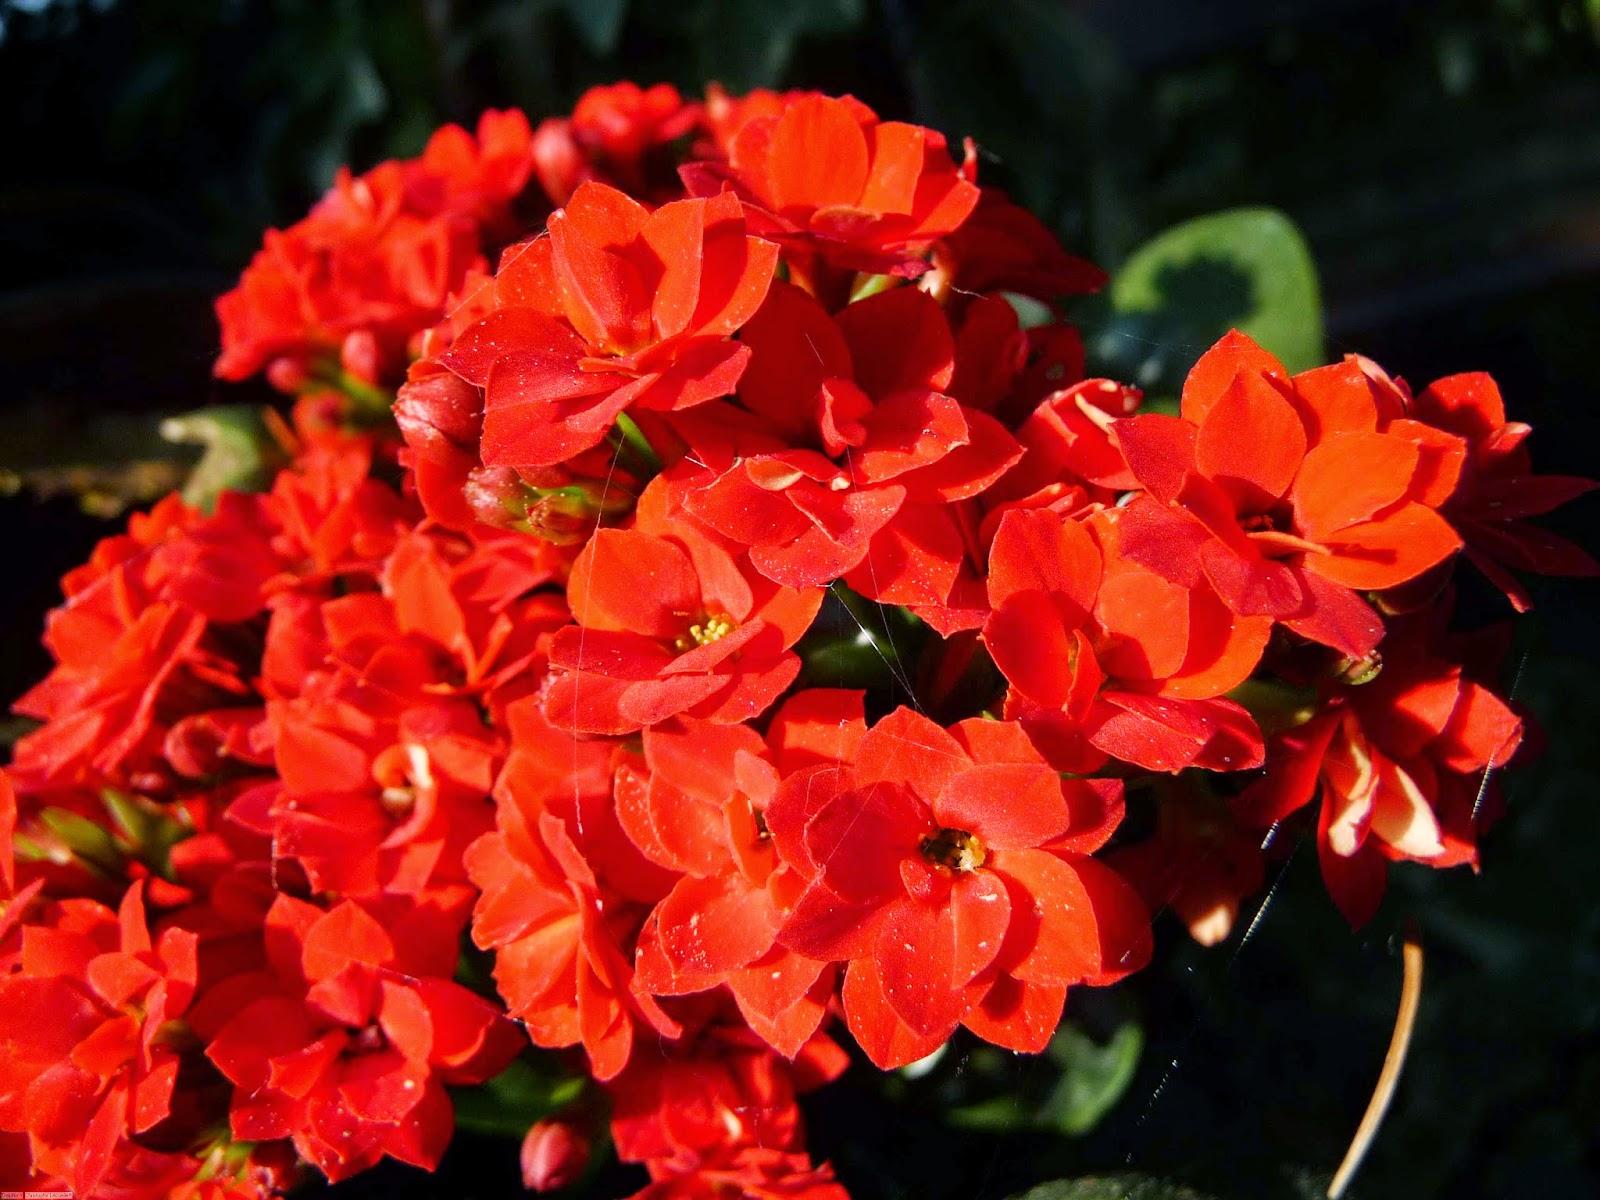 أجمل صور الزهور الحمراء